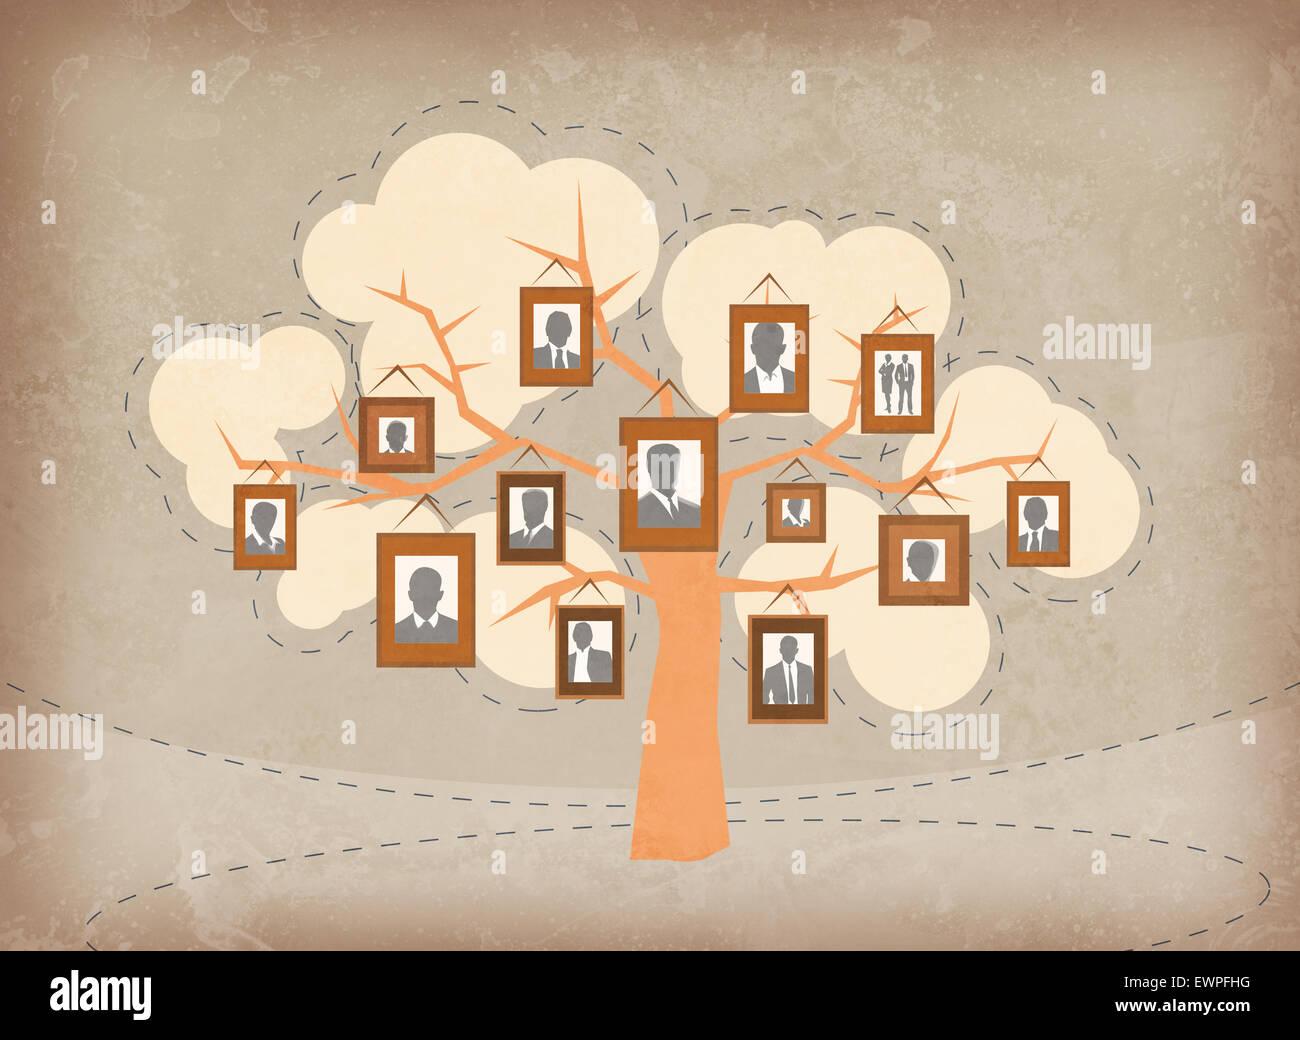 Image d'illustration de gens d'affaires attachés à des branches d'arbre qui représente Photo Stock